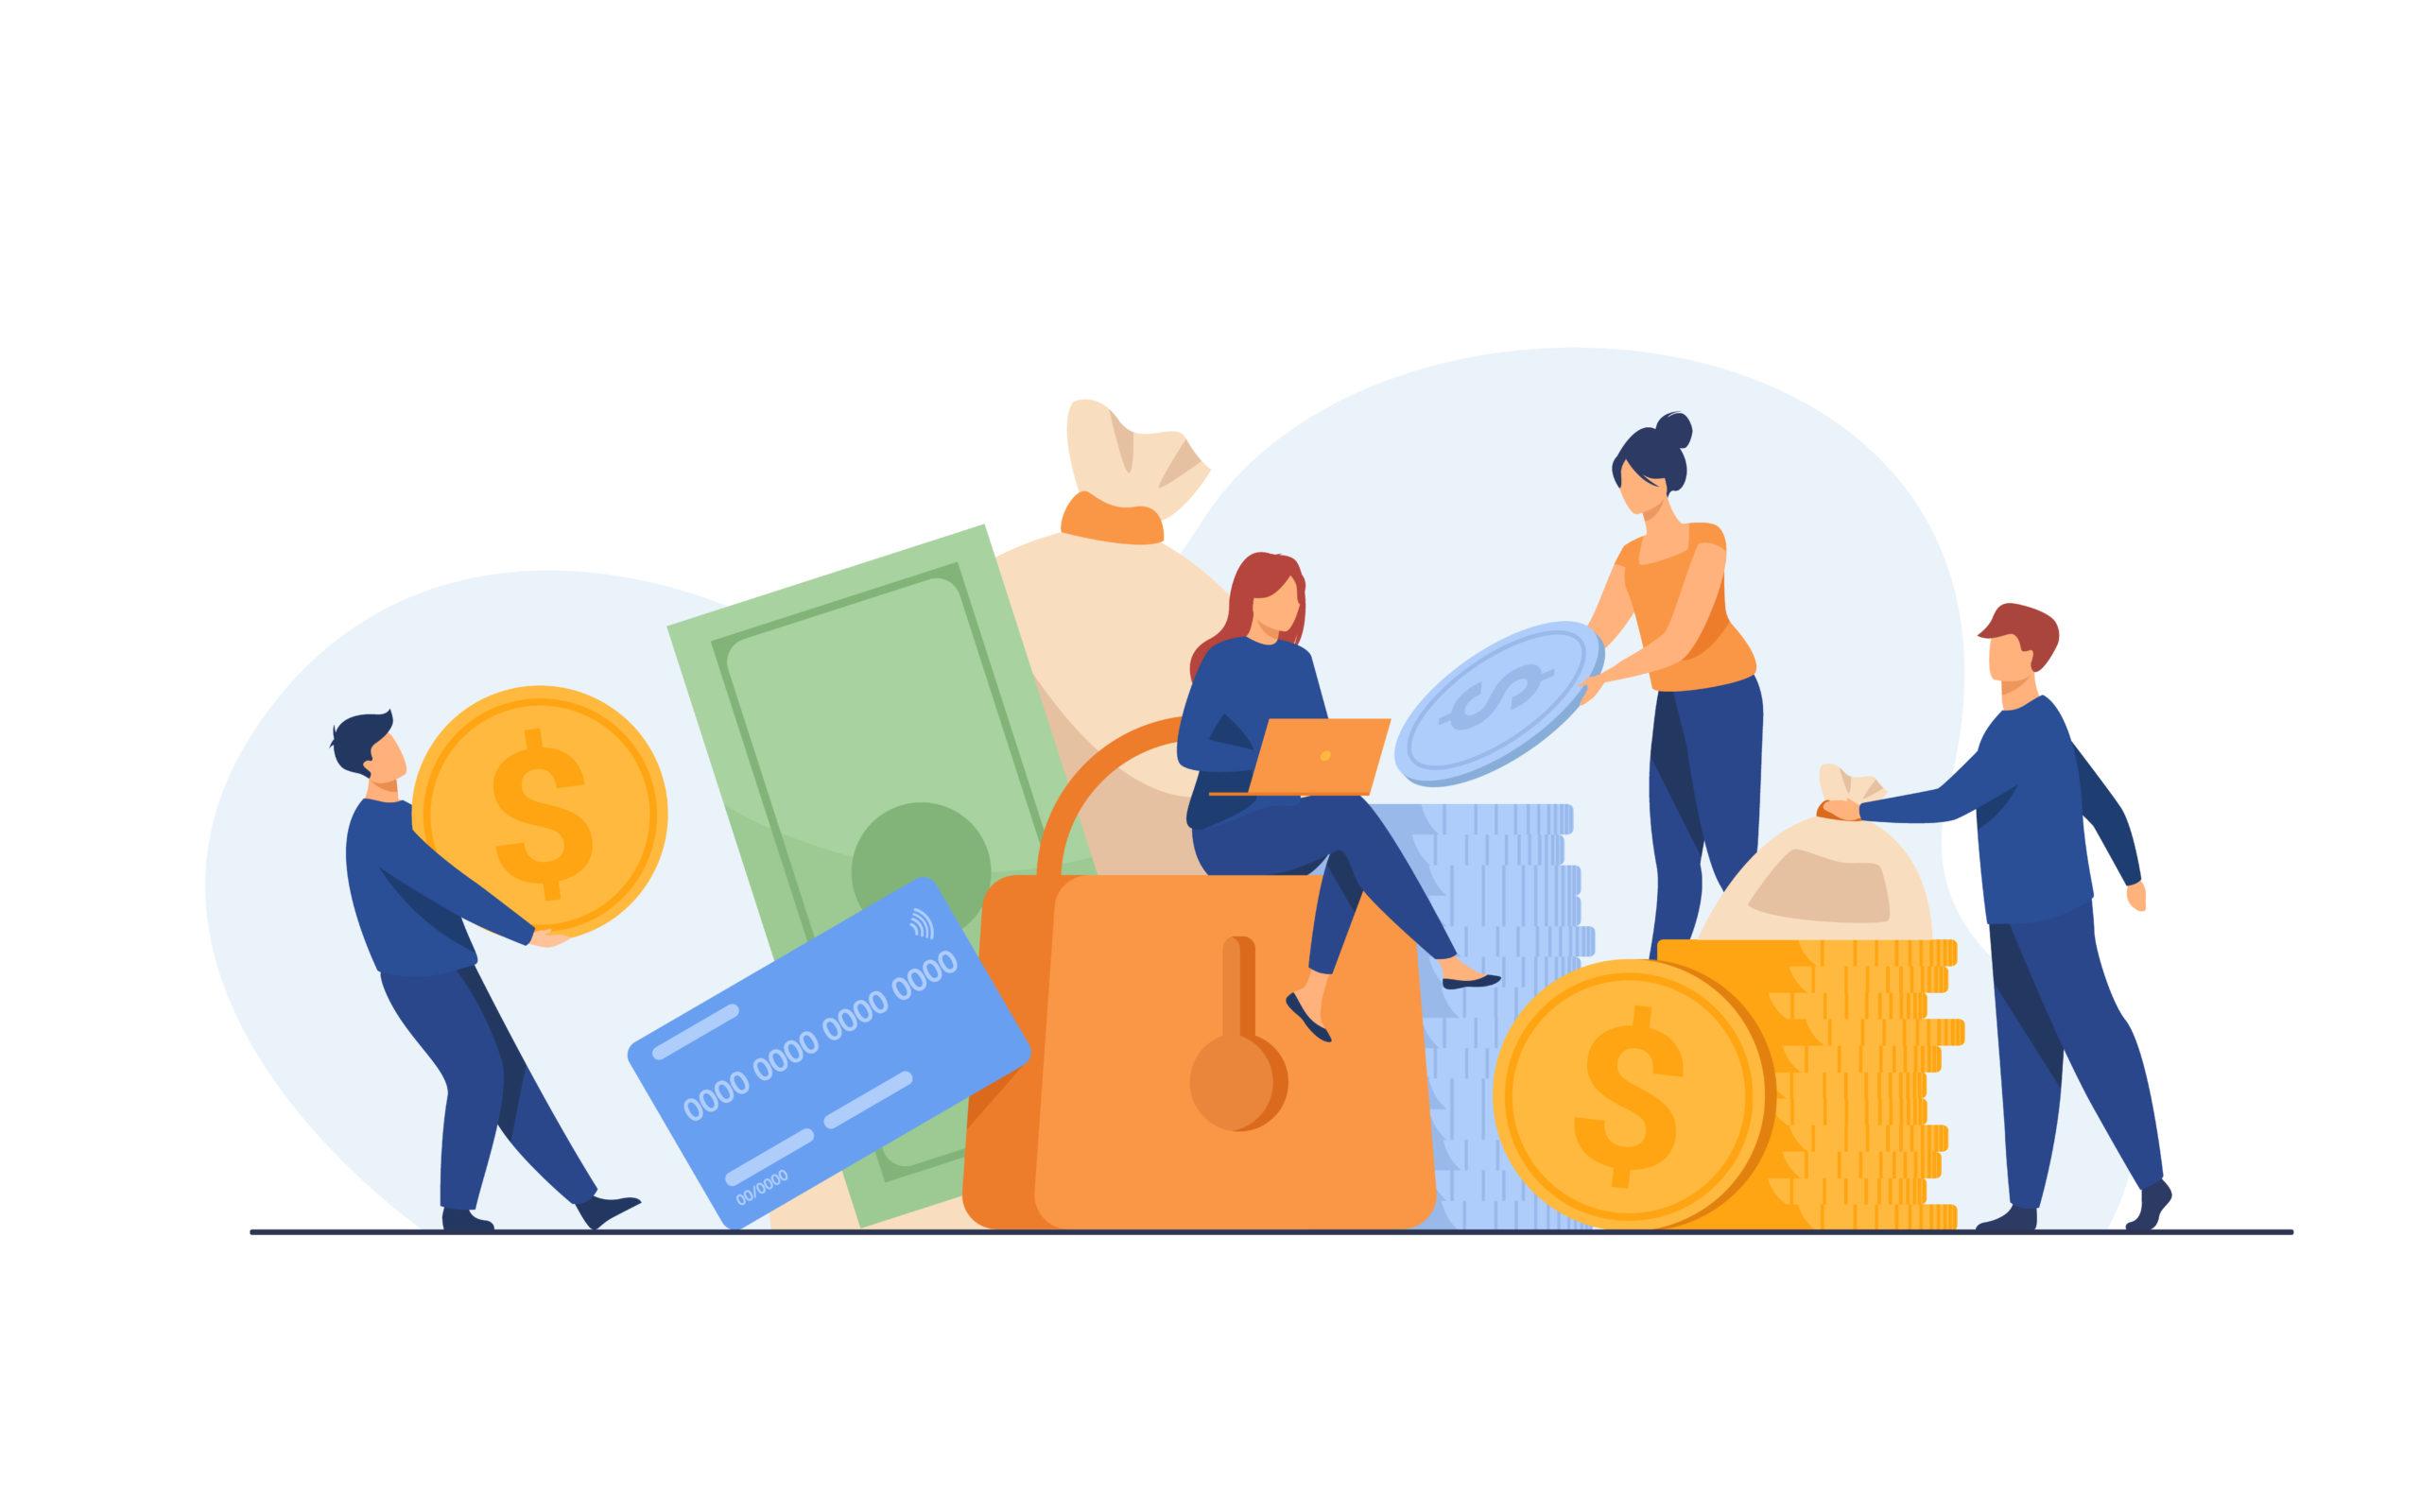 賃貸契約の初期費用を抑える方法とは?【知らないと損します】